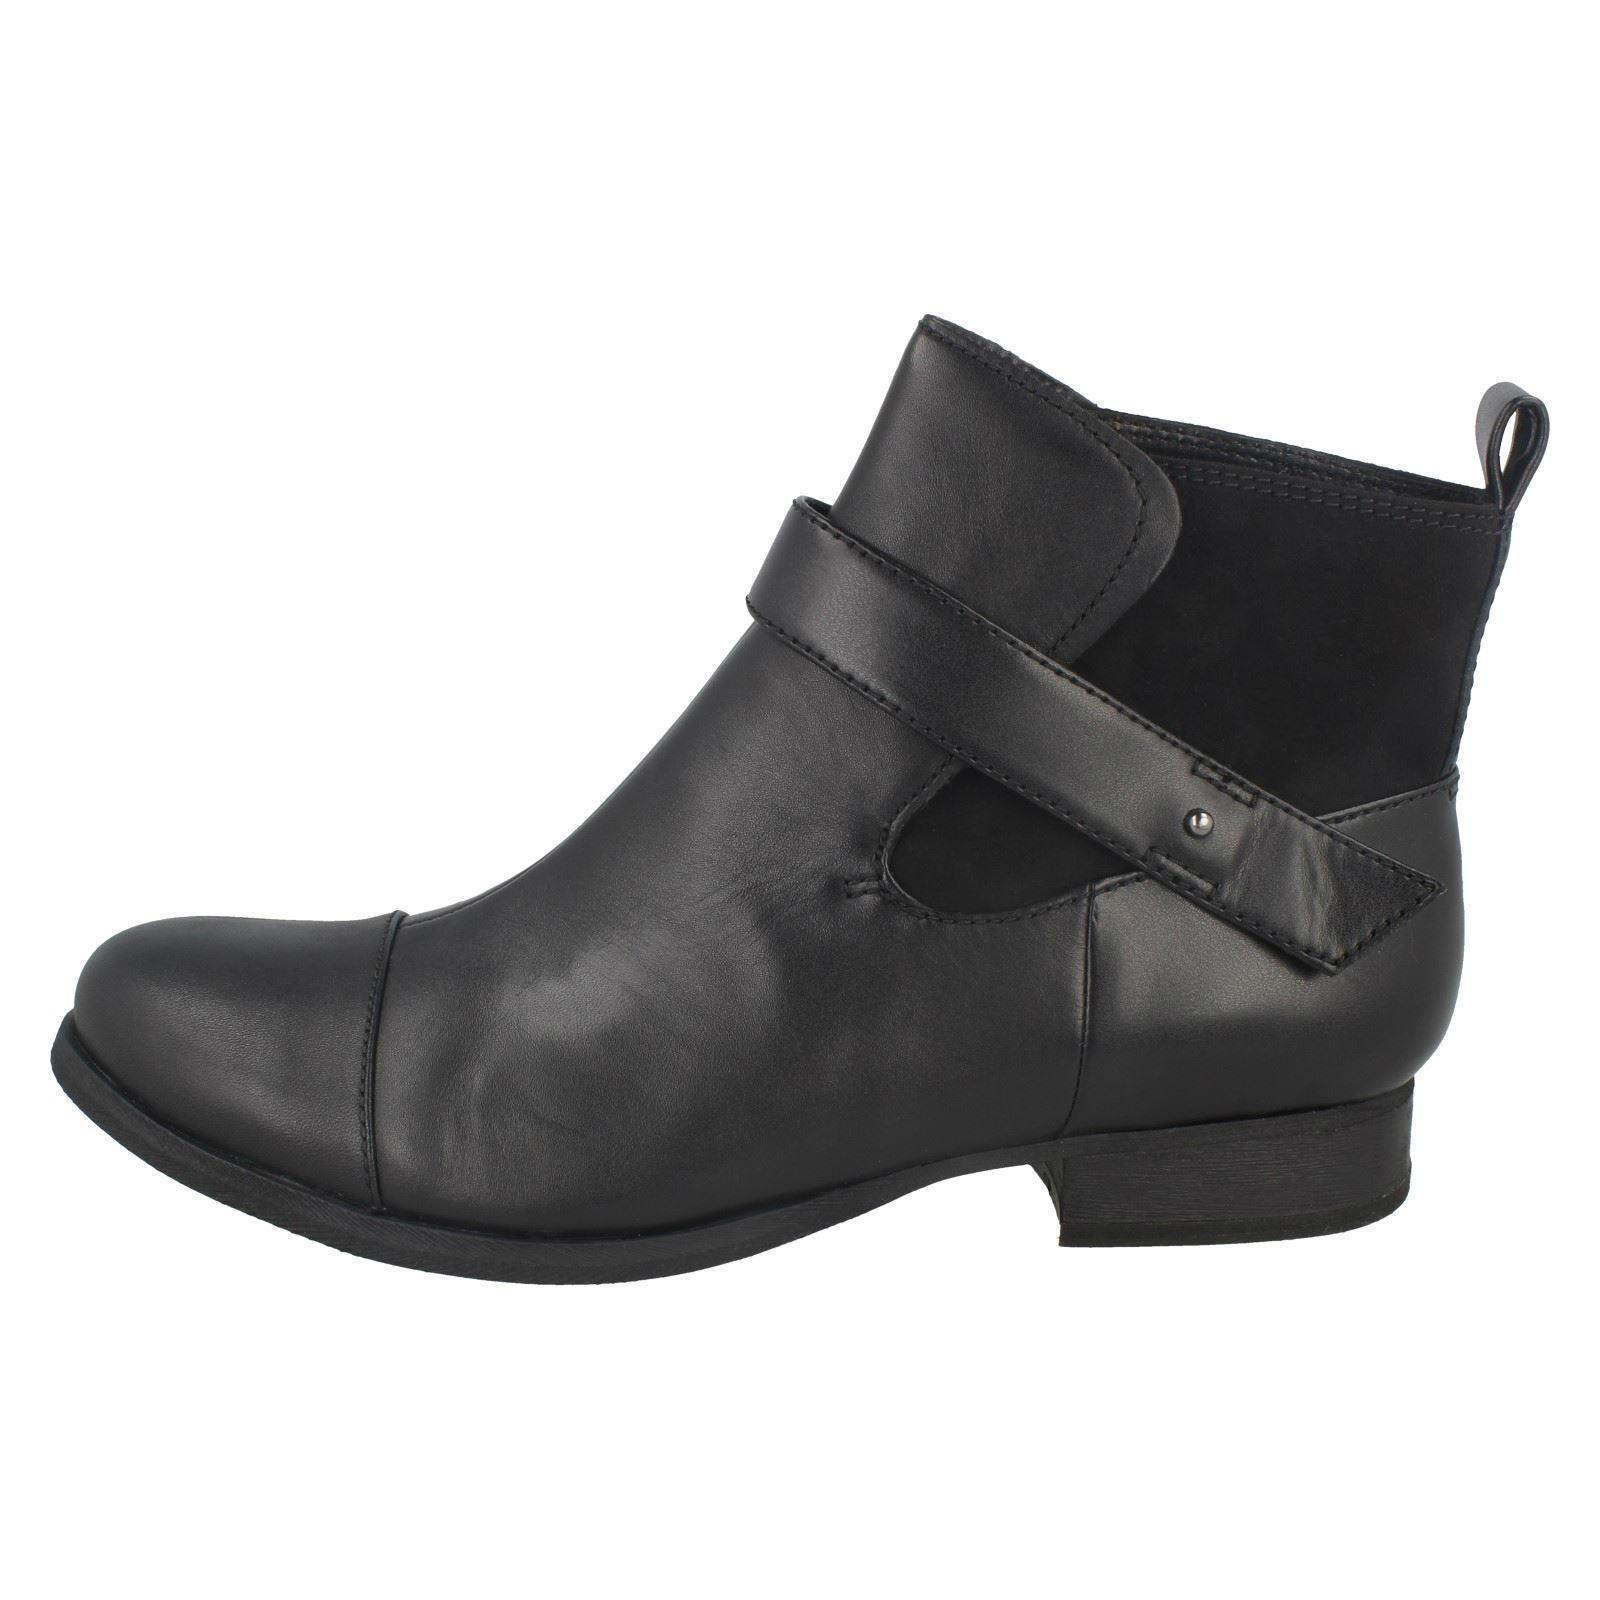 Zapatos especiales con descuento Mujer Clarks Botines De Tirar Estilo Ladbroke Mágico ~ N